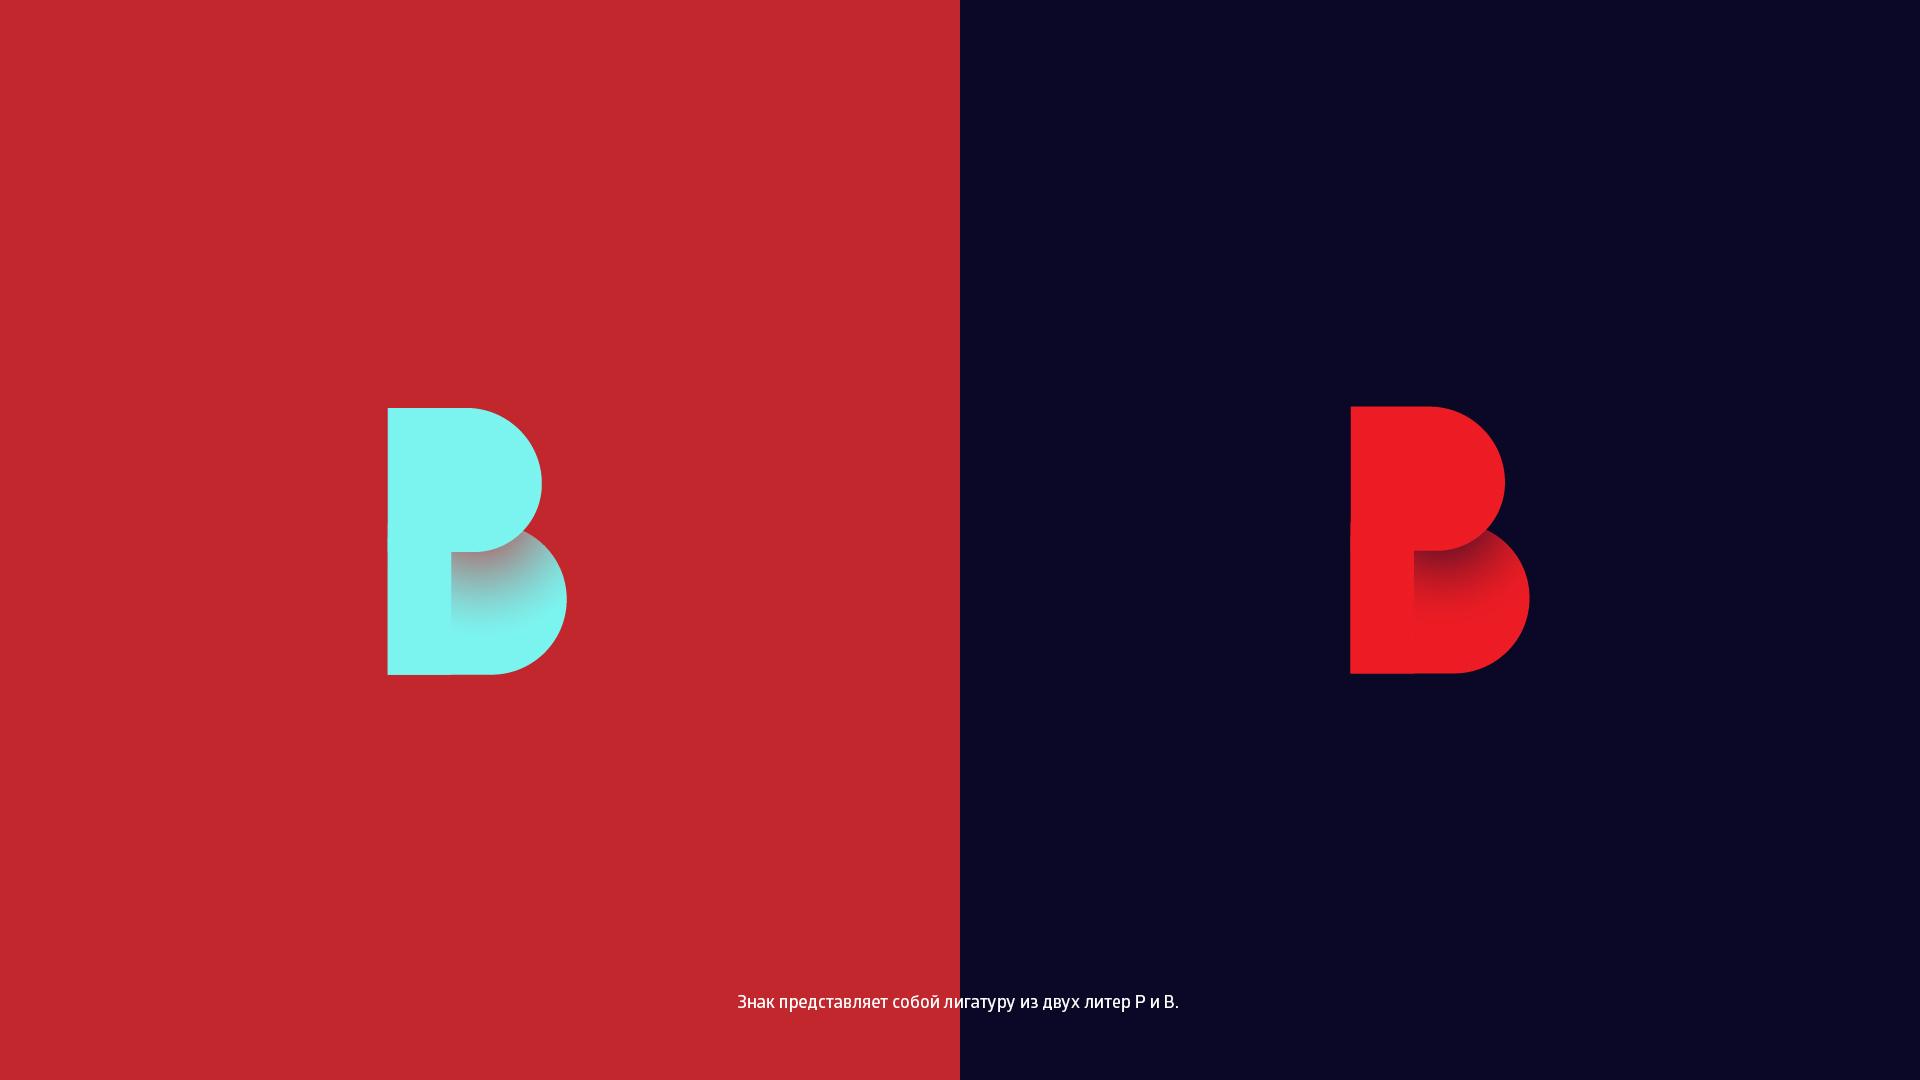 Создать логотип для YouTube канала  фото f_6465c0ab5b1cf13b.jpg